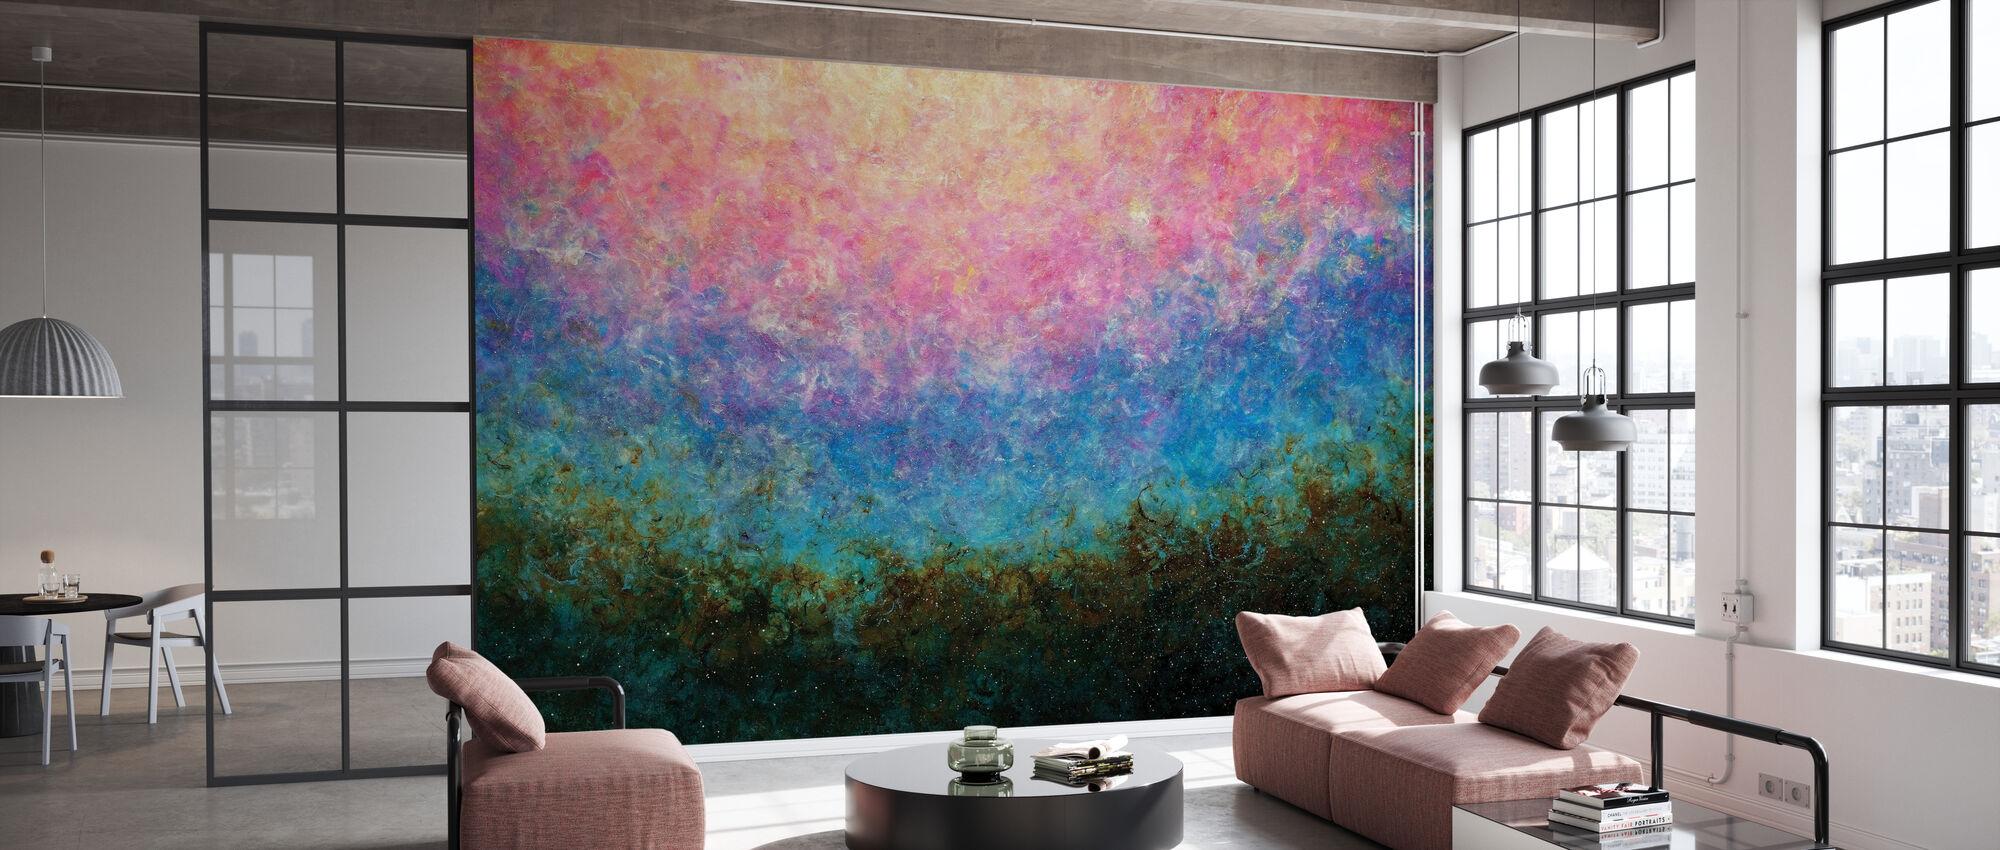 Everglade - Wallpaper - Office